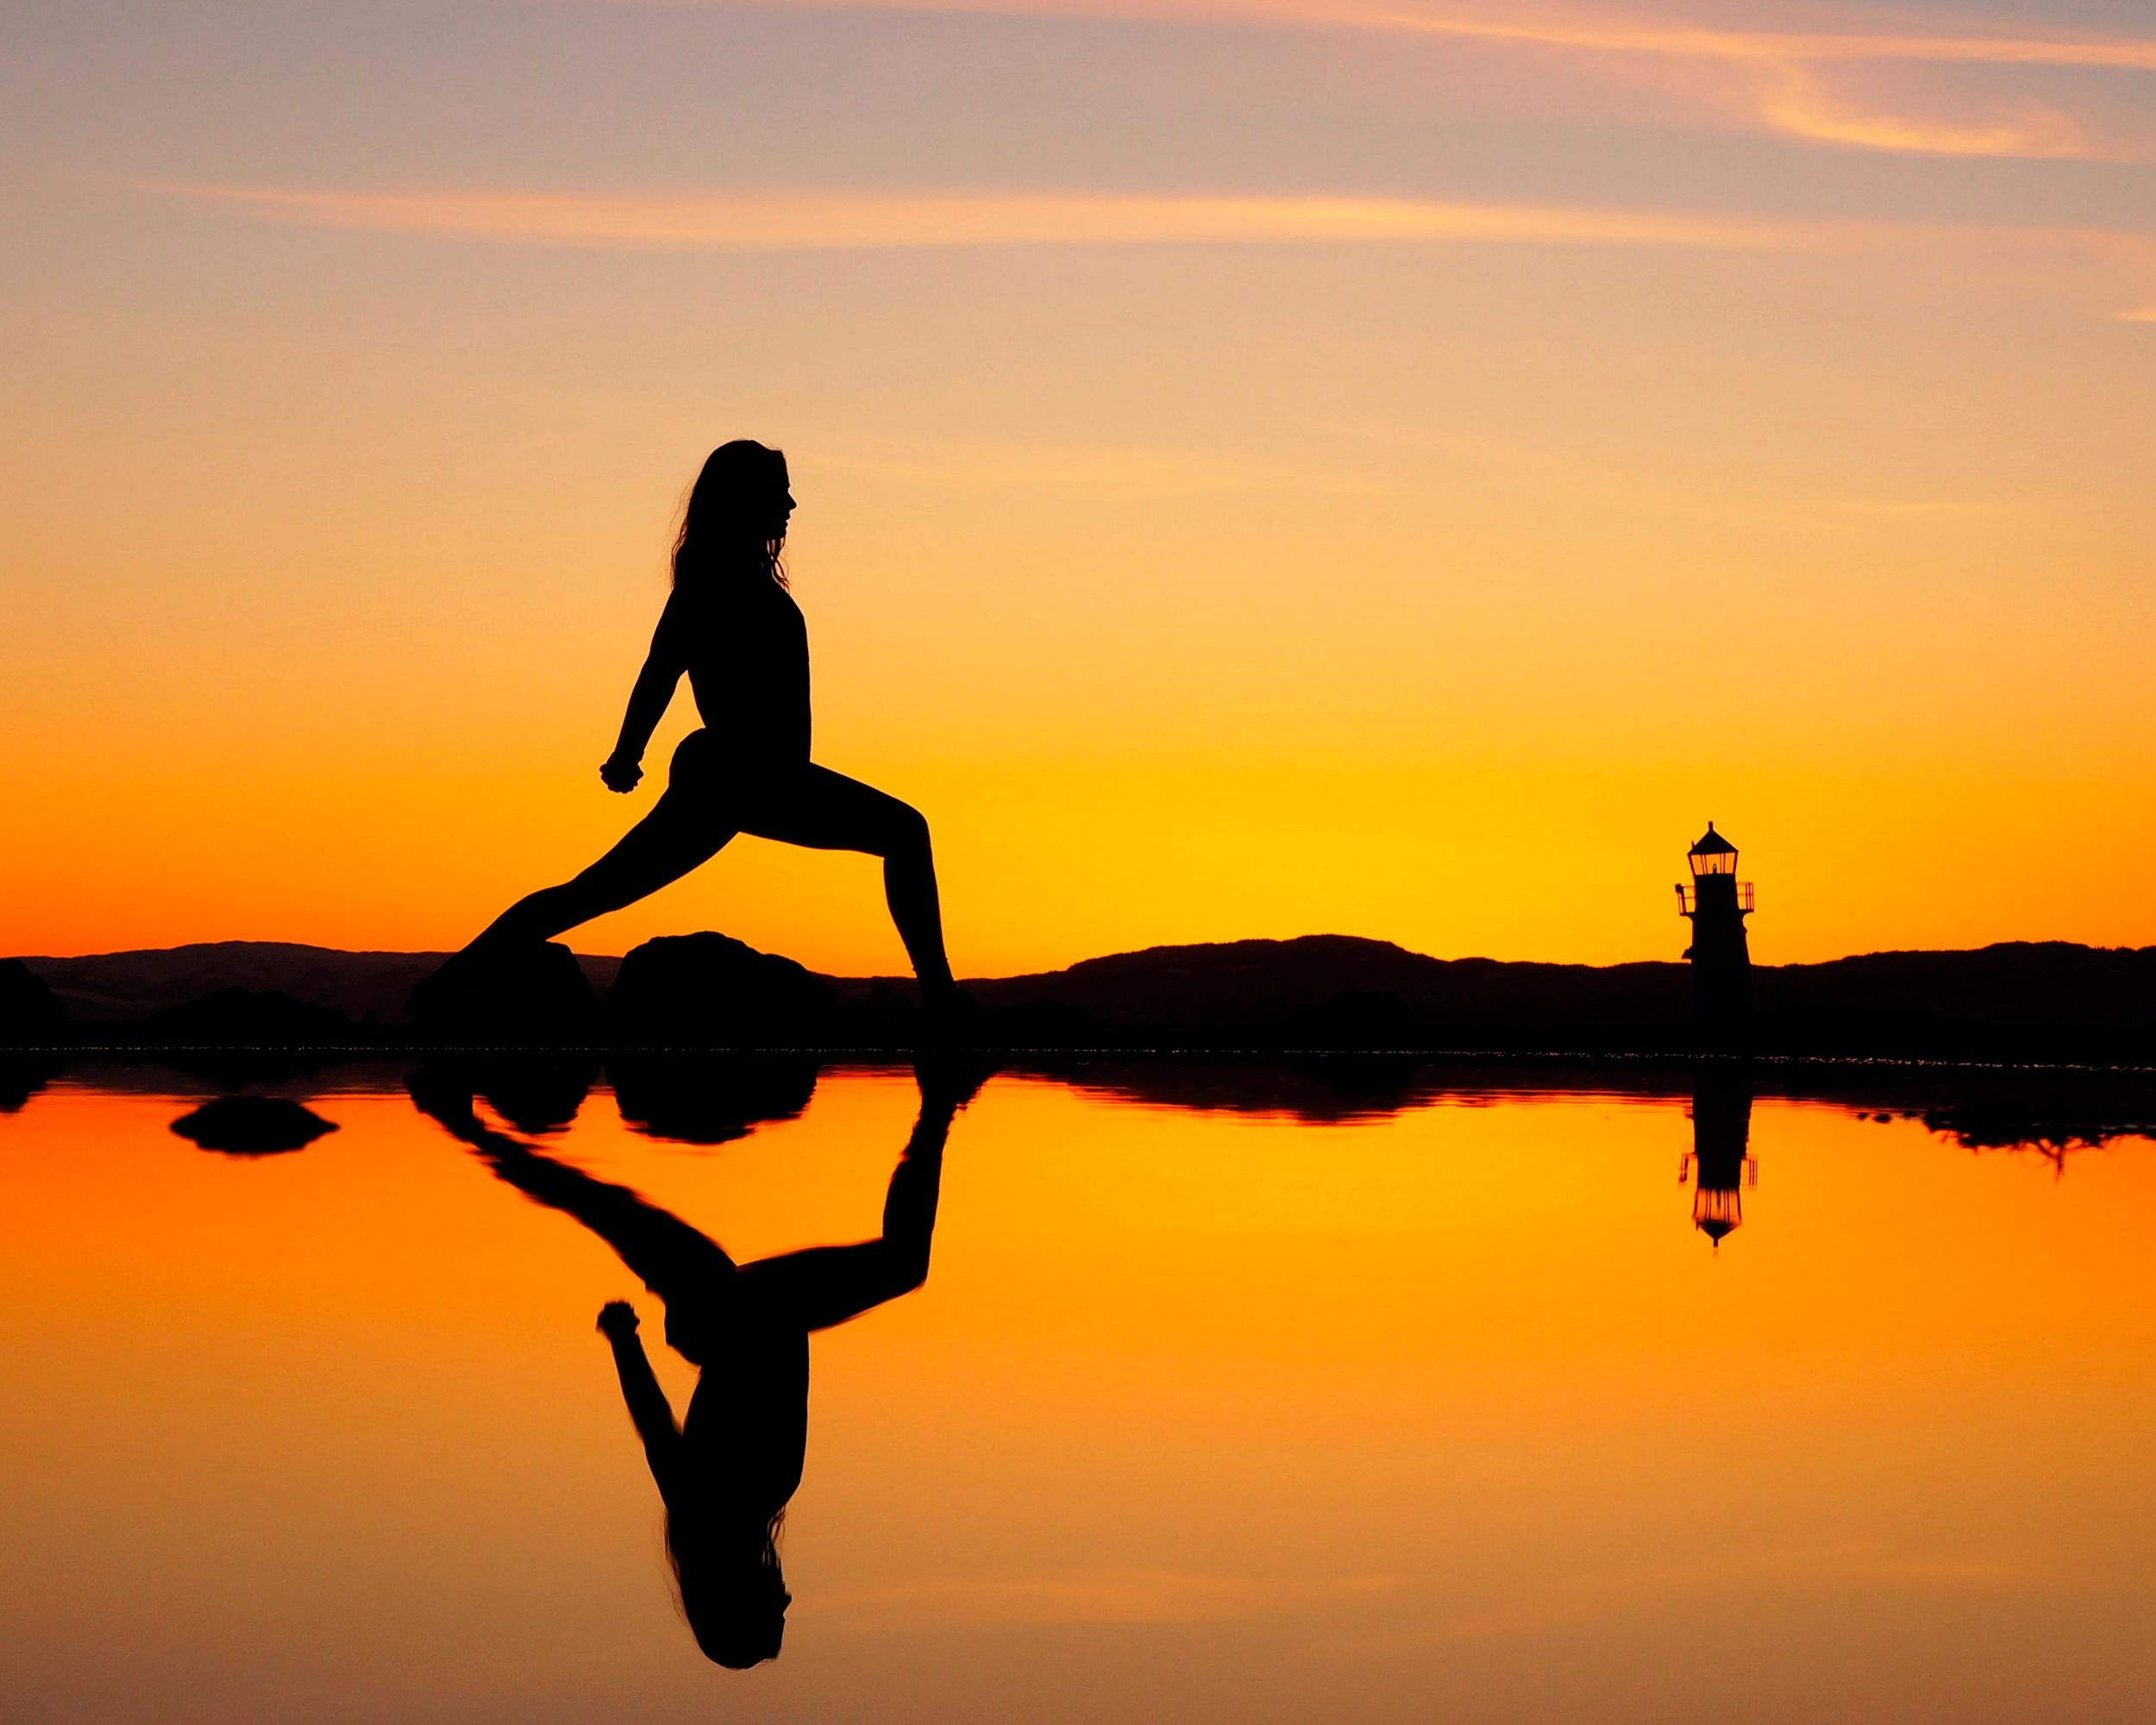 YOGA - Start dagen med yoga på vakre hosnasand. Vi tilbyr yogatimer både fredag, lørdag og søndag under festivalen.GOD MORGEN YOGI (flow)Gi deg selv anledning til å starte dagen med å lande i kroppen, i nærværet og stillheten som finnes i det enkle. Vi jobber med grunnleggende posisjoner og sekvenser for å gi kroppen en best mulig start på dagen. En yogaklasse uten fancy overganger og spektakulære peakposisjoner.Tid: Fredag 28. juni kl. 10:00Varighet: 45 minOppmøte: Resepsjonen på Sjøsenteret, 5 min før startMaks 20 pers.Pris: 100 kr per pers.Ha med egen matte.YOGA FLYT (flow)Med Stokkøyas umiddelbare nærhet til sjøen lar vi oss inspirere av vannelementet i denne flyten som åpner opp for det lekne og kreative.Tid: Lørdag 29. juni kl. 10:00Varighet: 45 minOppmøte: Resepsjonen på Sjøsenteret, 5 min før startMaks 20 pers.Pris: 100 kr per pers.Ha med egen matte.ÅPEN OG STERK (flow)I denne klassen jobber vi med sentrering og stabilitet for å finne styrke og balanse i enkle, men kraftfulle posisjoner. Vi fokuserer mye på stående posisjoner og bygger dem fra roten og opp. Her får du møte de ulike krigerne, og kanskje en balanseøvelse eller to.Tid: Søndag 30. juni kl. 11:00Varighet: 45 minOppmøte: Resepsjonen på Sjøsenteret, 5 min før startMaks 20 pers.Pris: 100 kr per pers.Ha med egen matte.Instruktør er Kari-Anne Bains, som har praktisert og undervist yoga i over 15 år. Siden hun begynte sin yogareise har hun deltatt på en rekke kurs, workshops og utdannelser i inn og utland. Til daglig jobber Kari-Anne som lærer på en skole i Trondheim og driver yogastudioet Yogaens Hus i Ilsvika i Trondheim. Et yogastudio med fokus på rom og raushet for alle i en prestasjonsfri sone.Kari-Anne sitt syn på yoga:Min intensjon er at yoga er for alle, og at alle skal kunne oppleve mestring. Yoga for meg er så mye mer enn det som skjer på yogamatta. Gjennom å praktisere yoga blir du bedre kjent med deg selv, og det som skjer på yogamatta gjenspeiles i livet utenfor matta og omvendt.